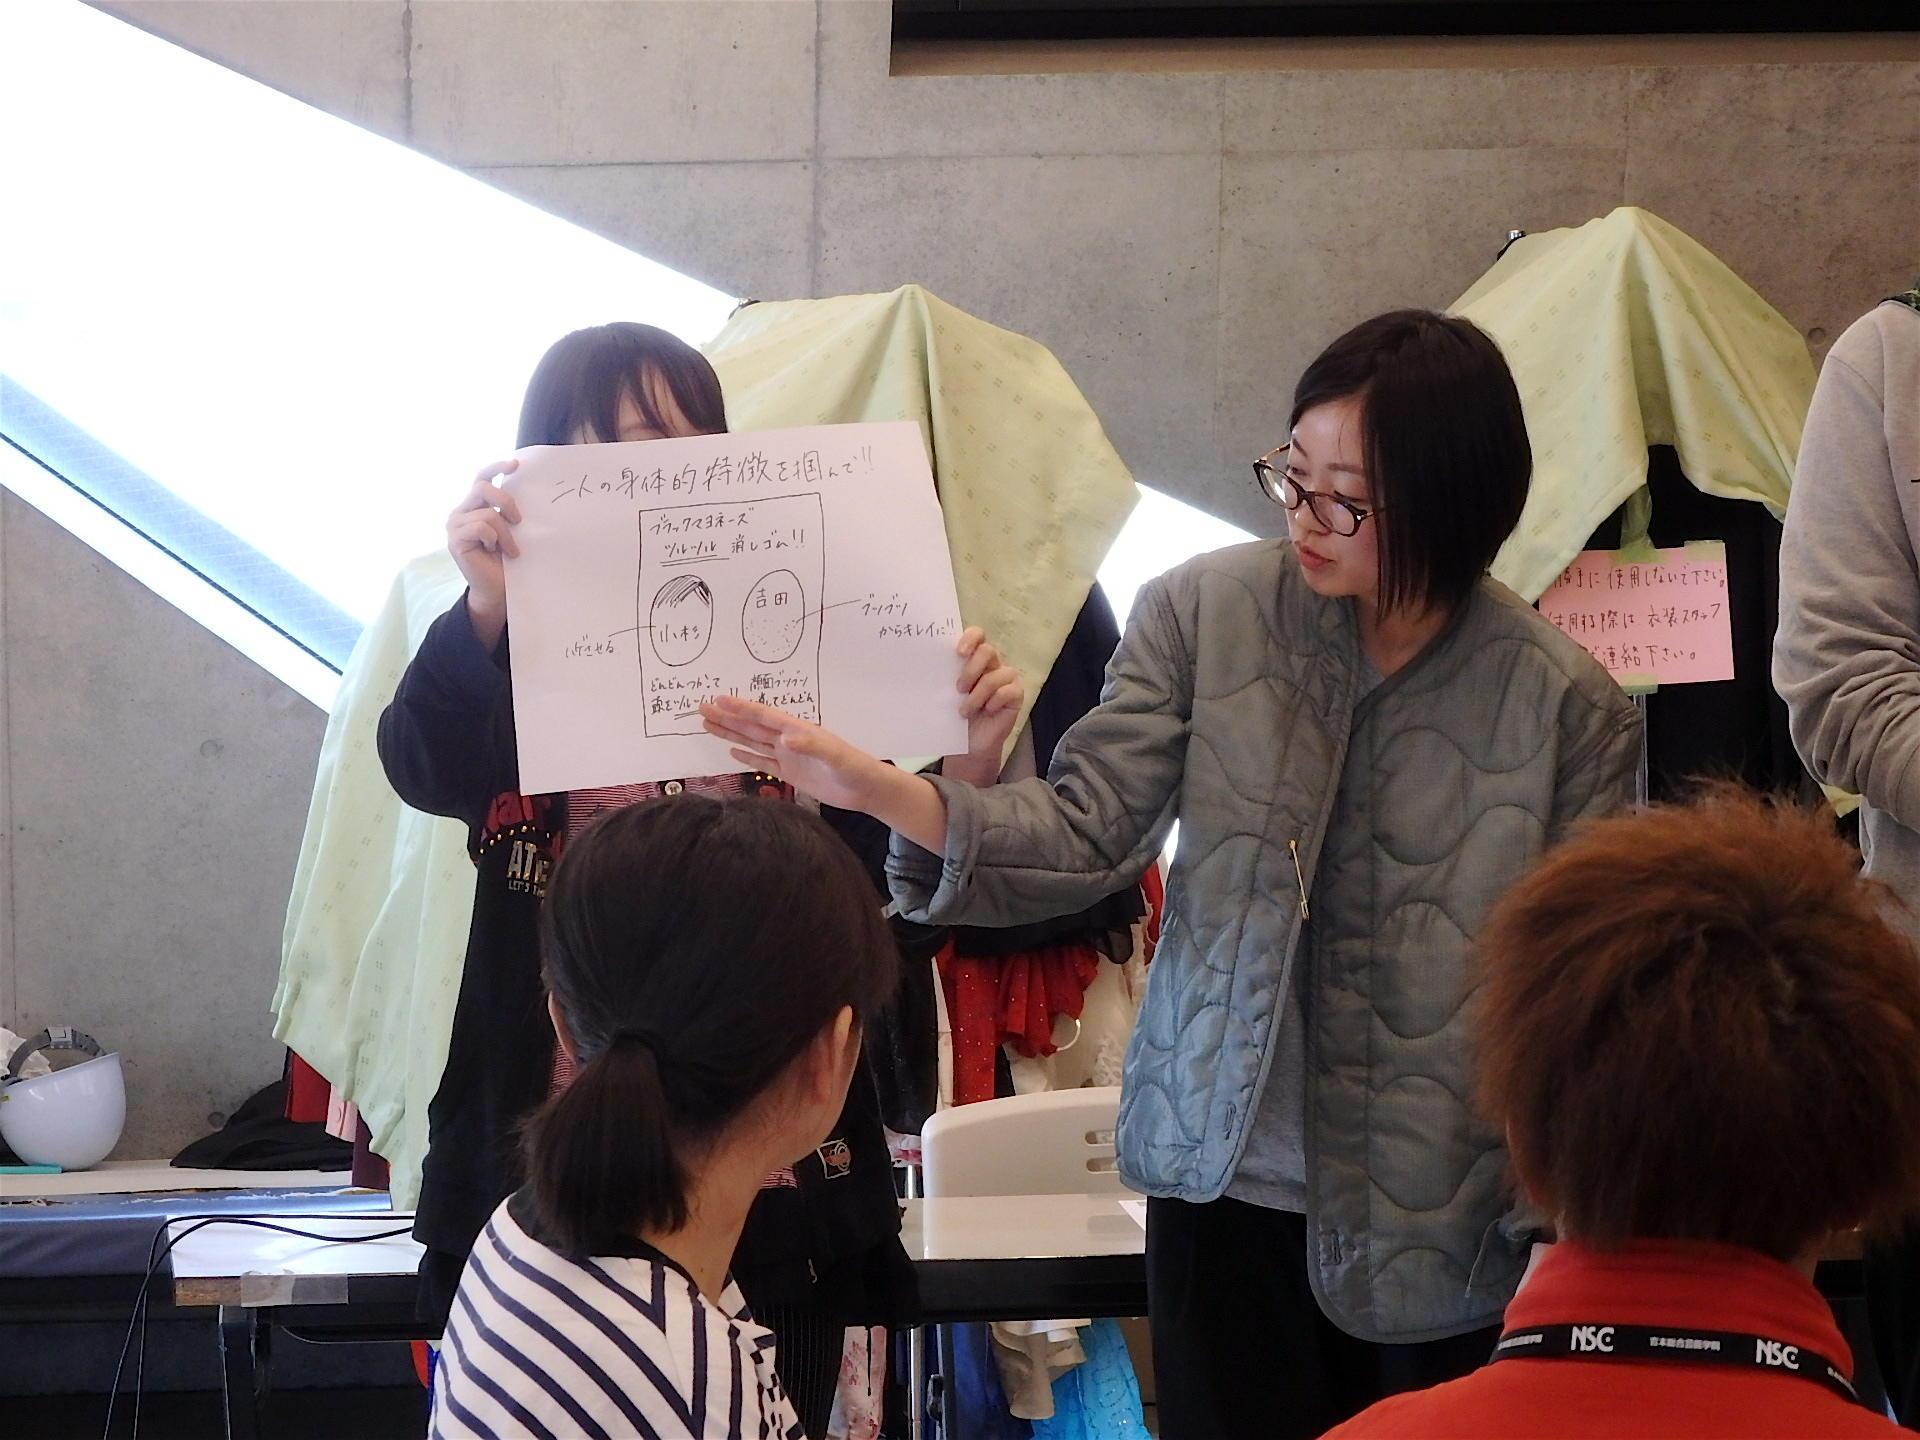 http://news.yoshimoto.co.jp/20160501001041-43fc55c6b2ecc682c3e6df1e472ceed8eba2f6aa.jpg